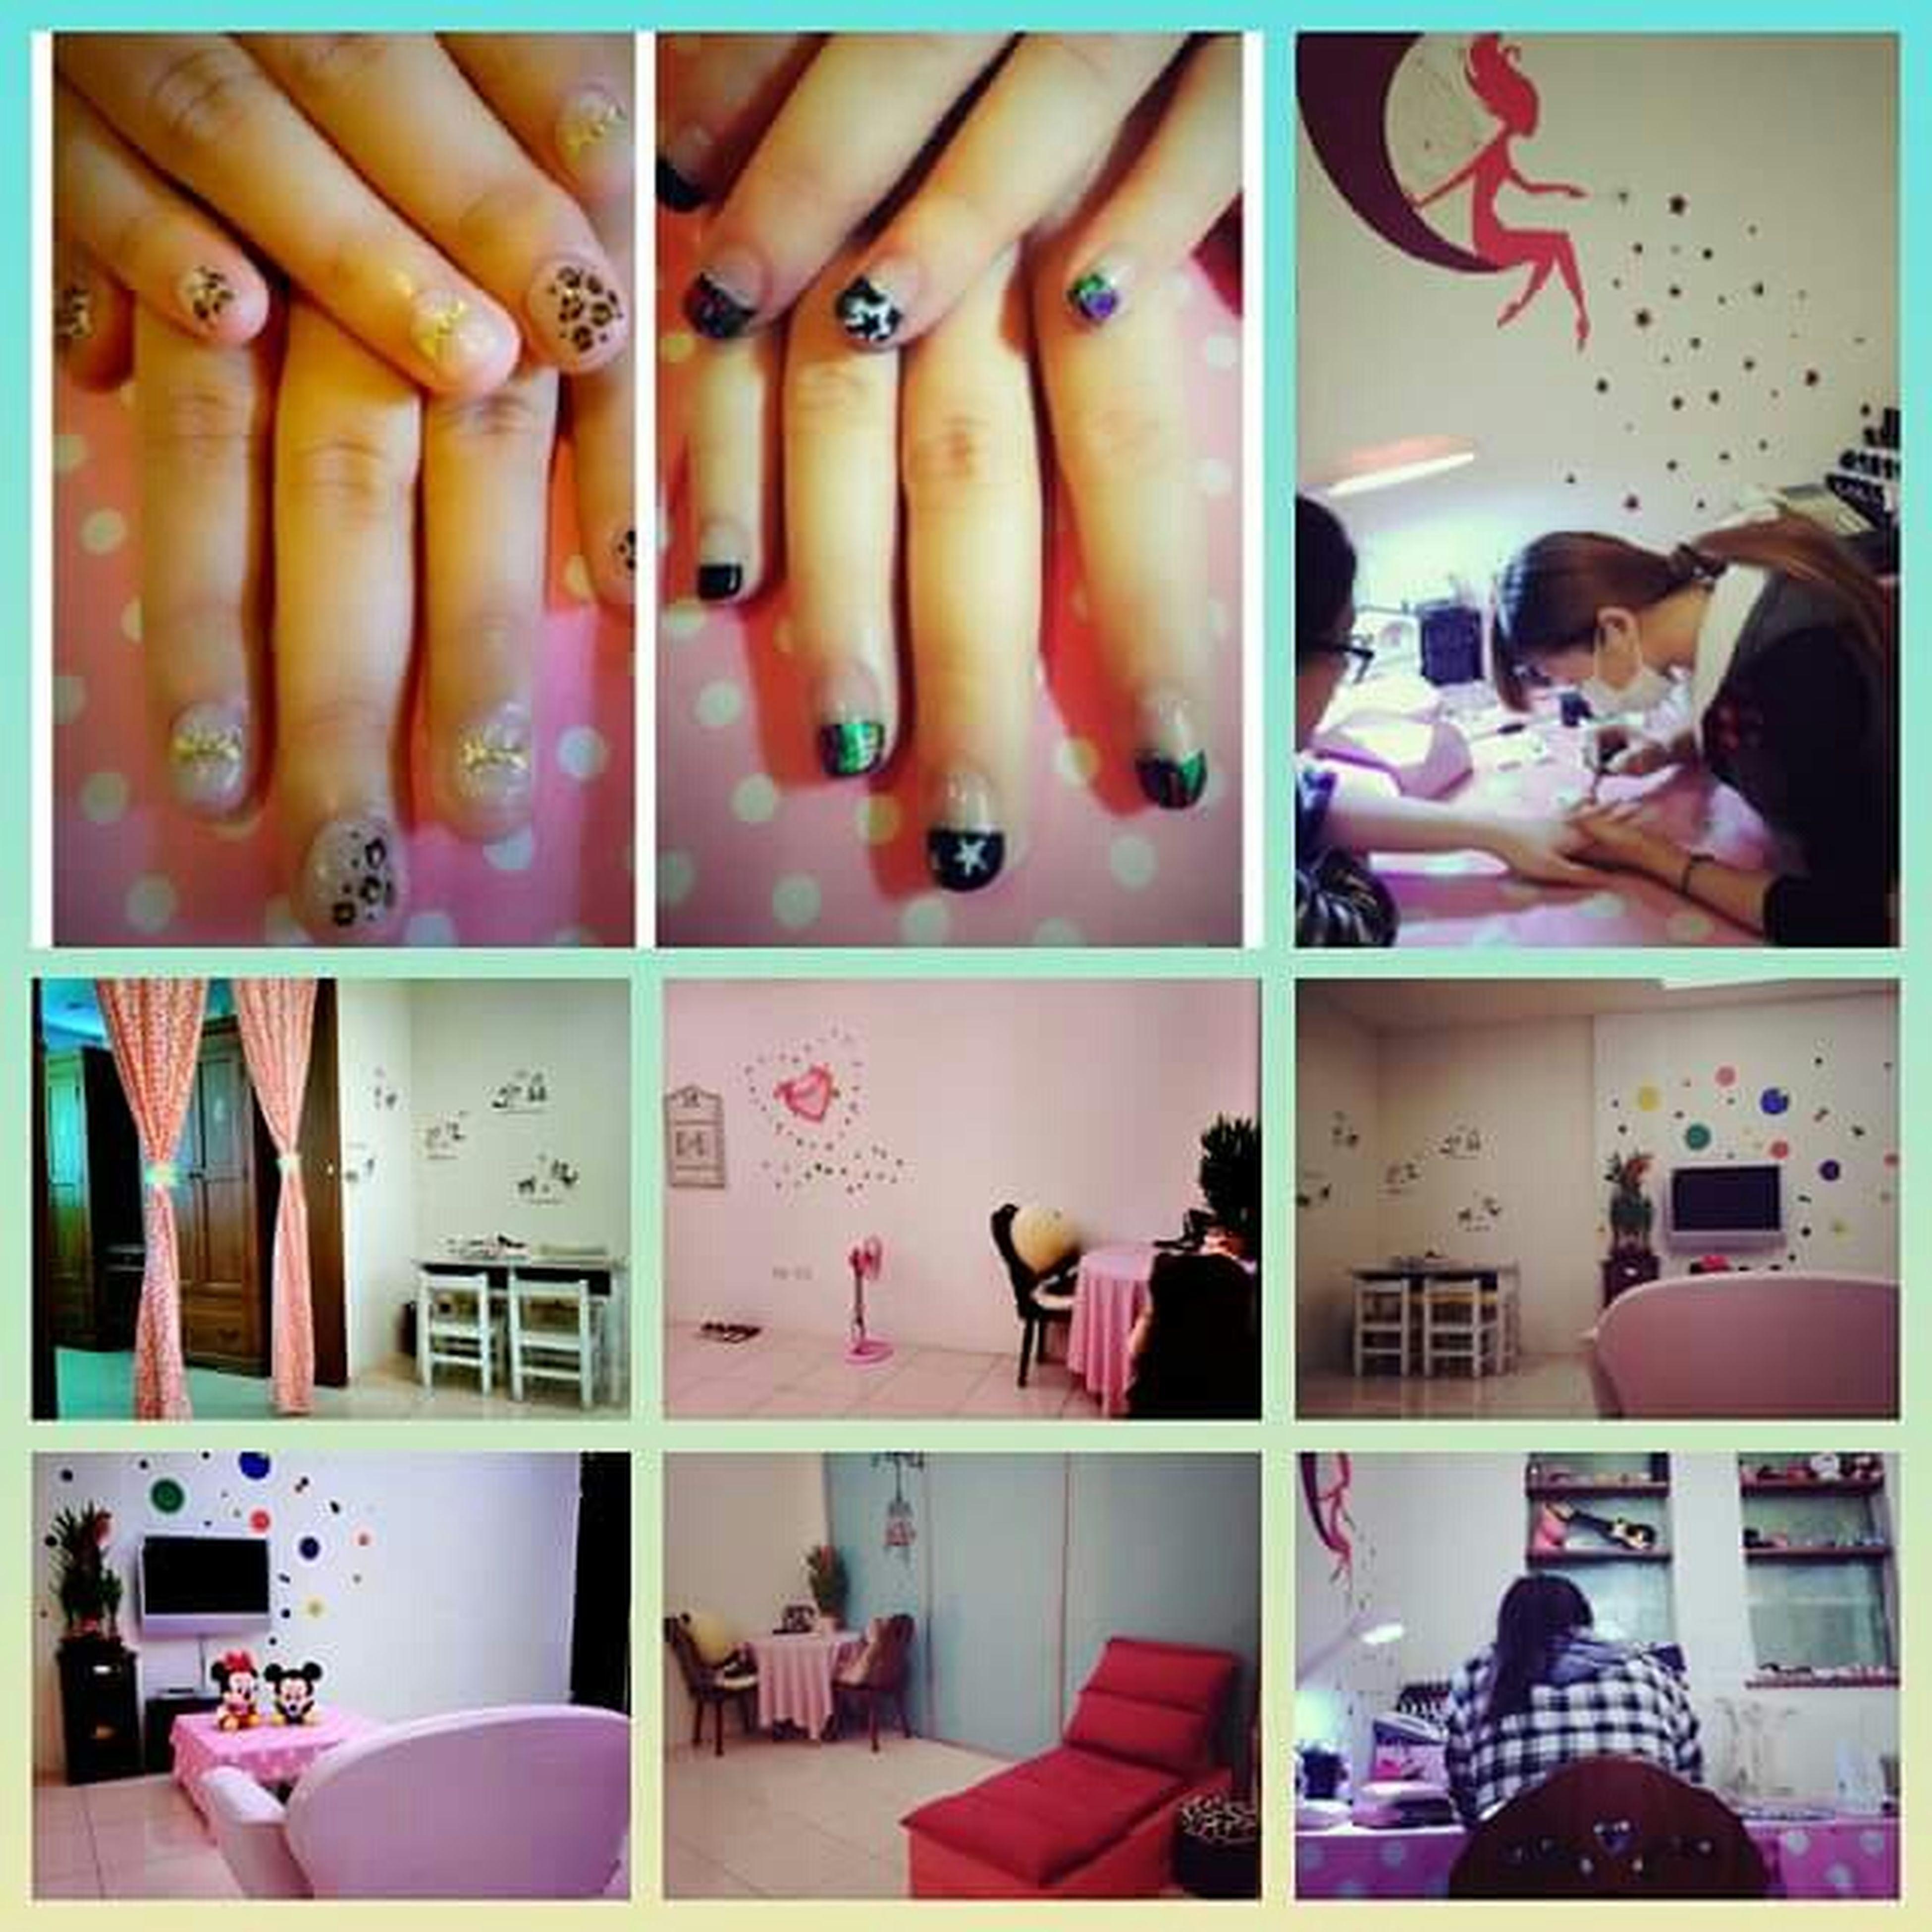 第一次做指甲,真好玩!想要的元素都有了,開心~♥Angel美甲 Nail Art Nail Salon Sis❤ Relax 初體驗 光療指甲 豹紋 蝴蝶結 鉚釘